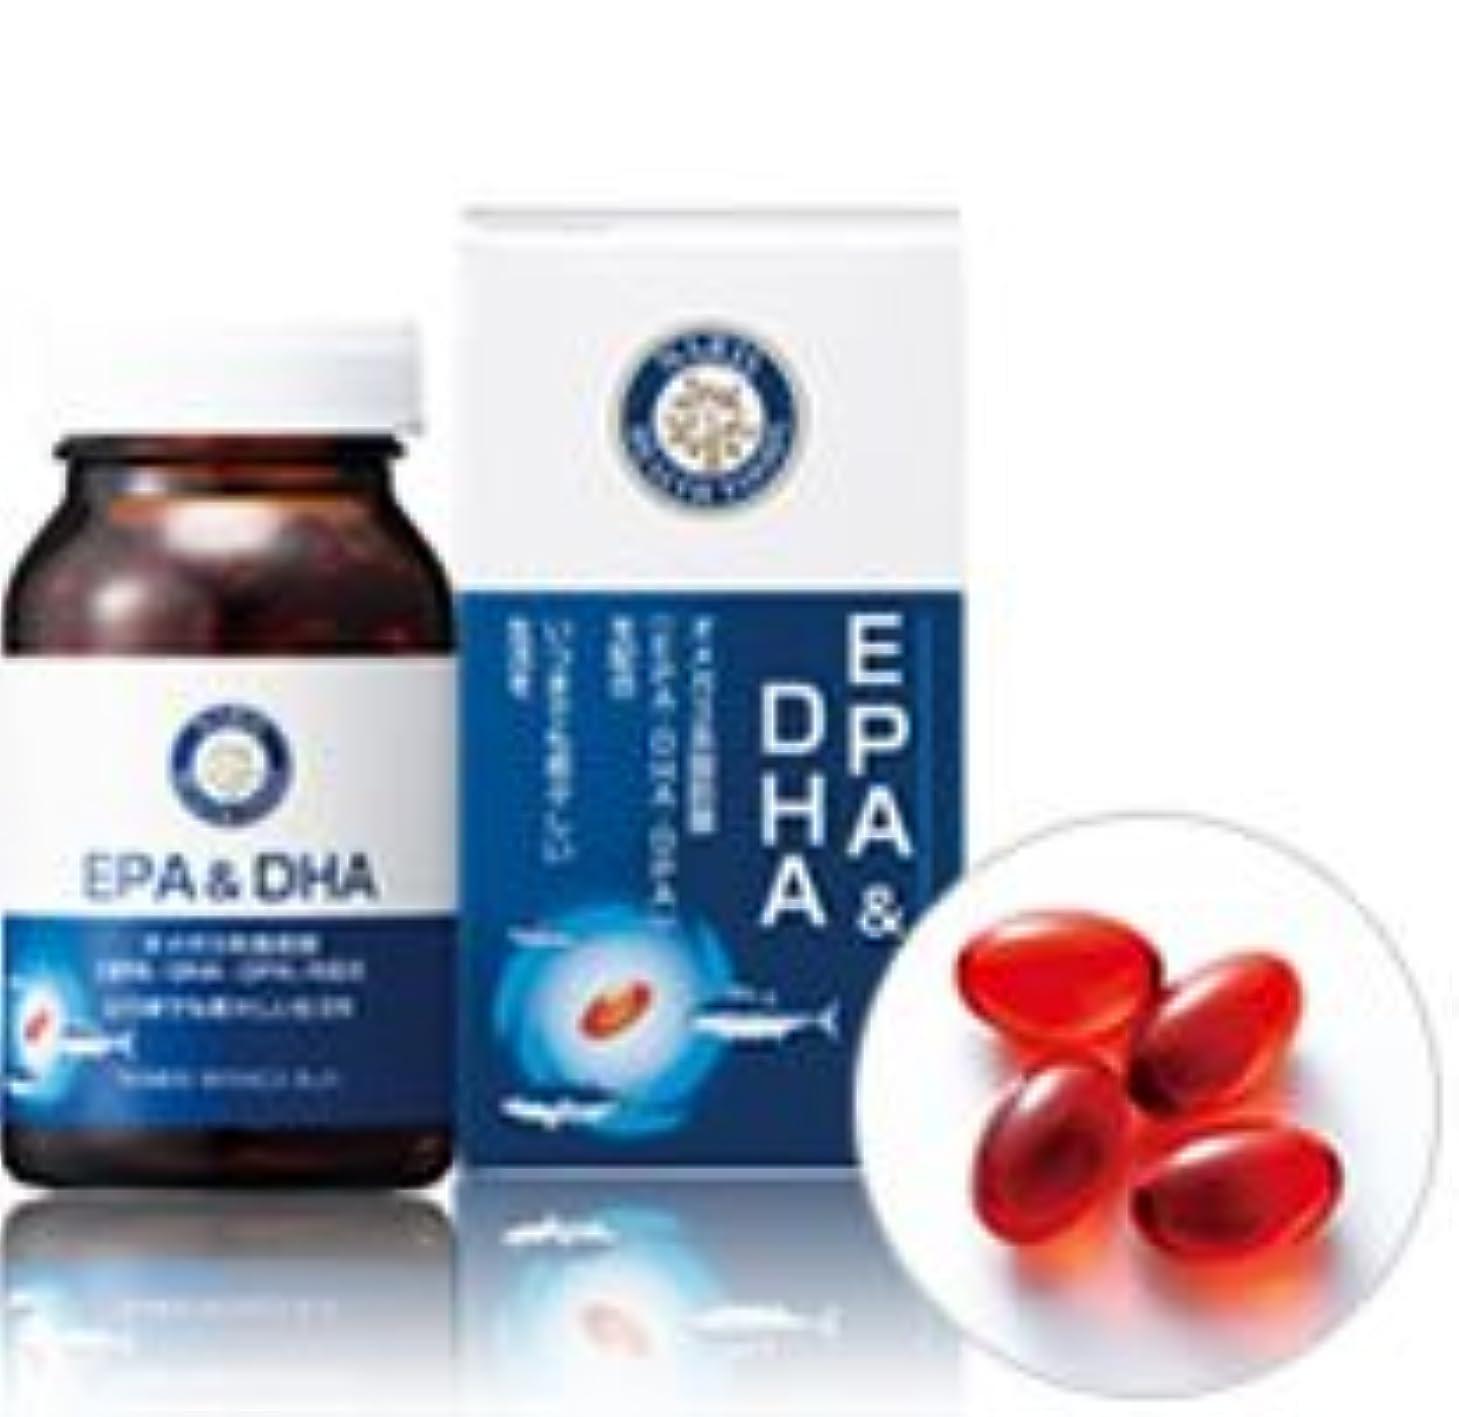 ハグサラミ質量ナリス EPA&DHA(120粒)